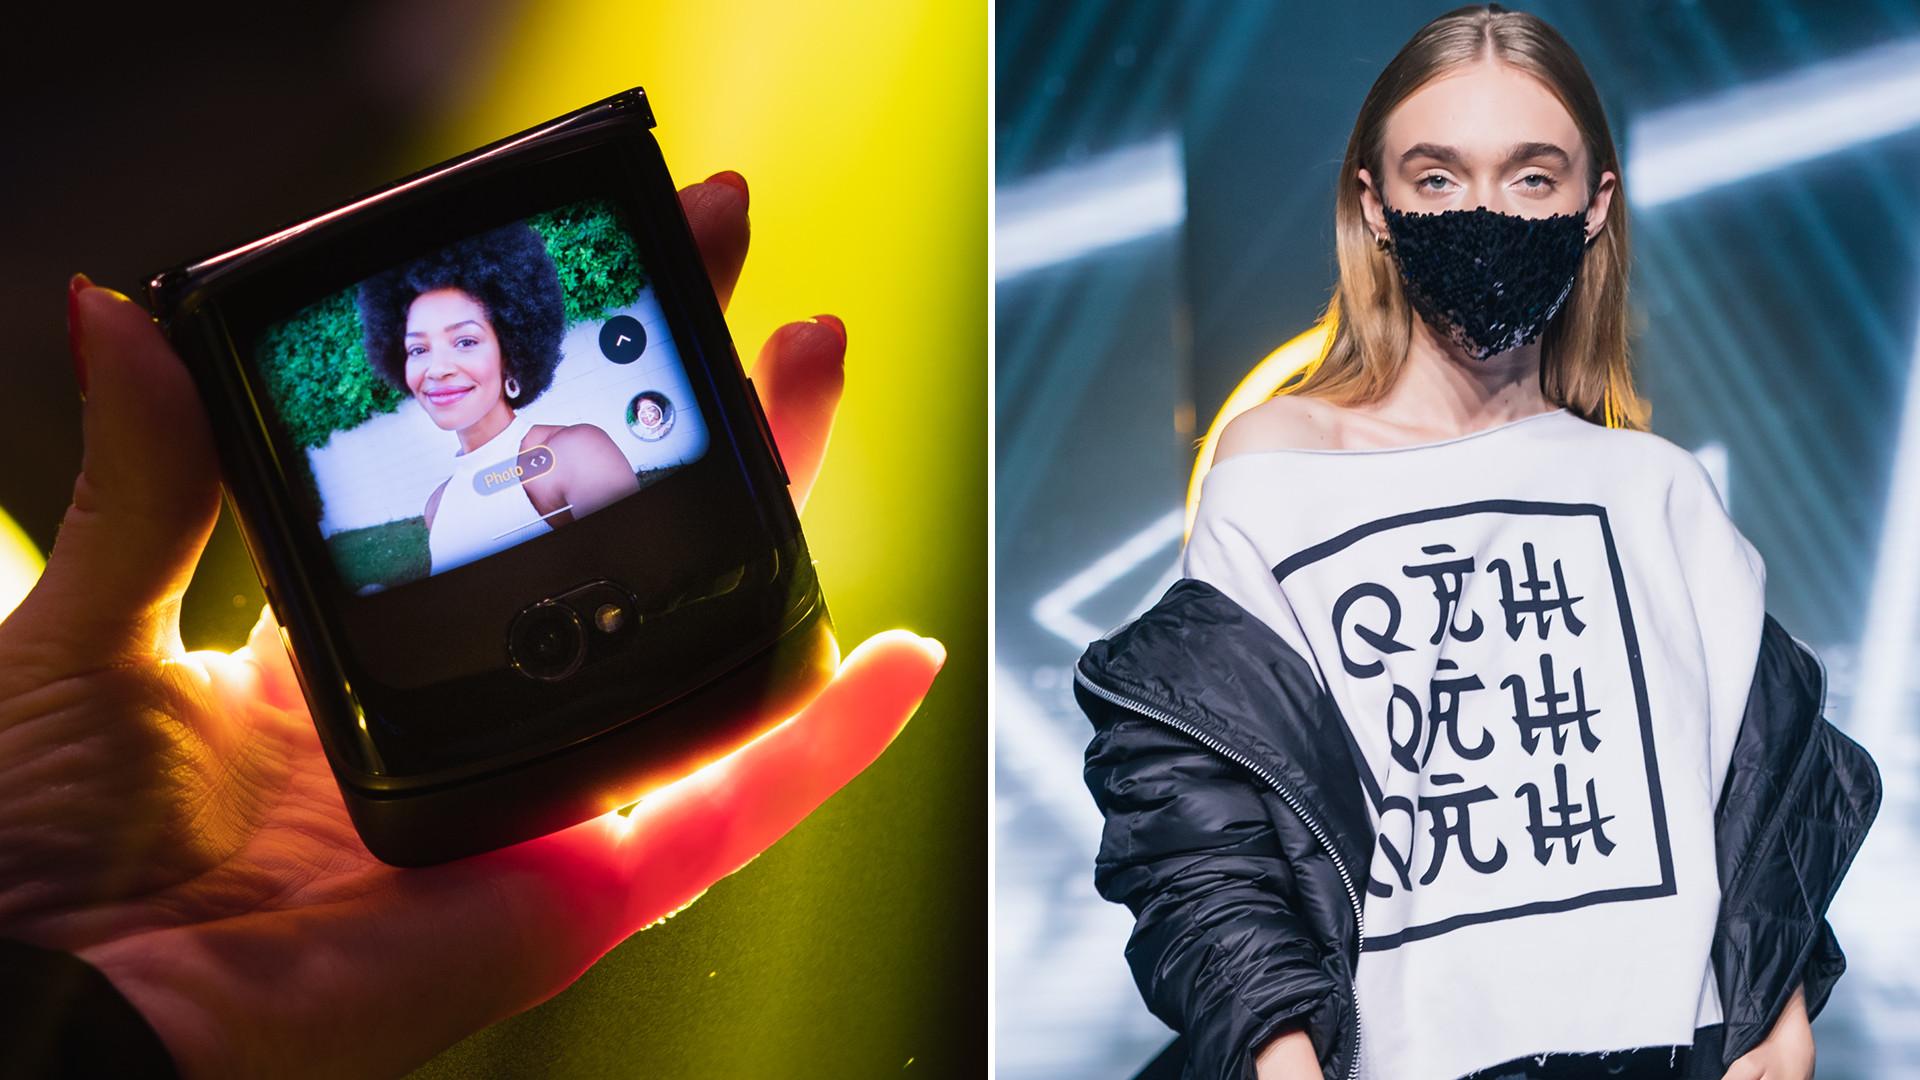 Technologia połączyła się z modą. Odkryj nowy smartfon nawiązujący do kultowych modeli – z podobnym pozowała sama Paris Hilton!